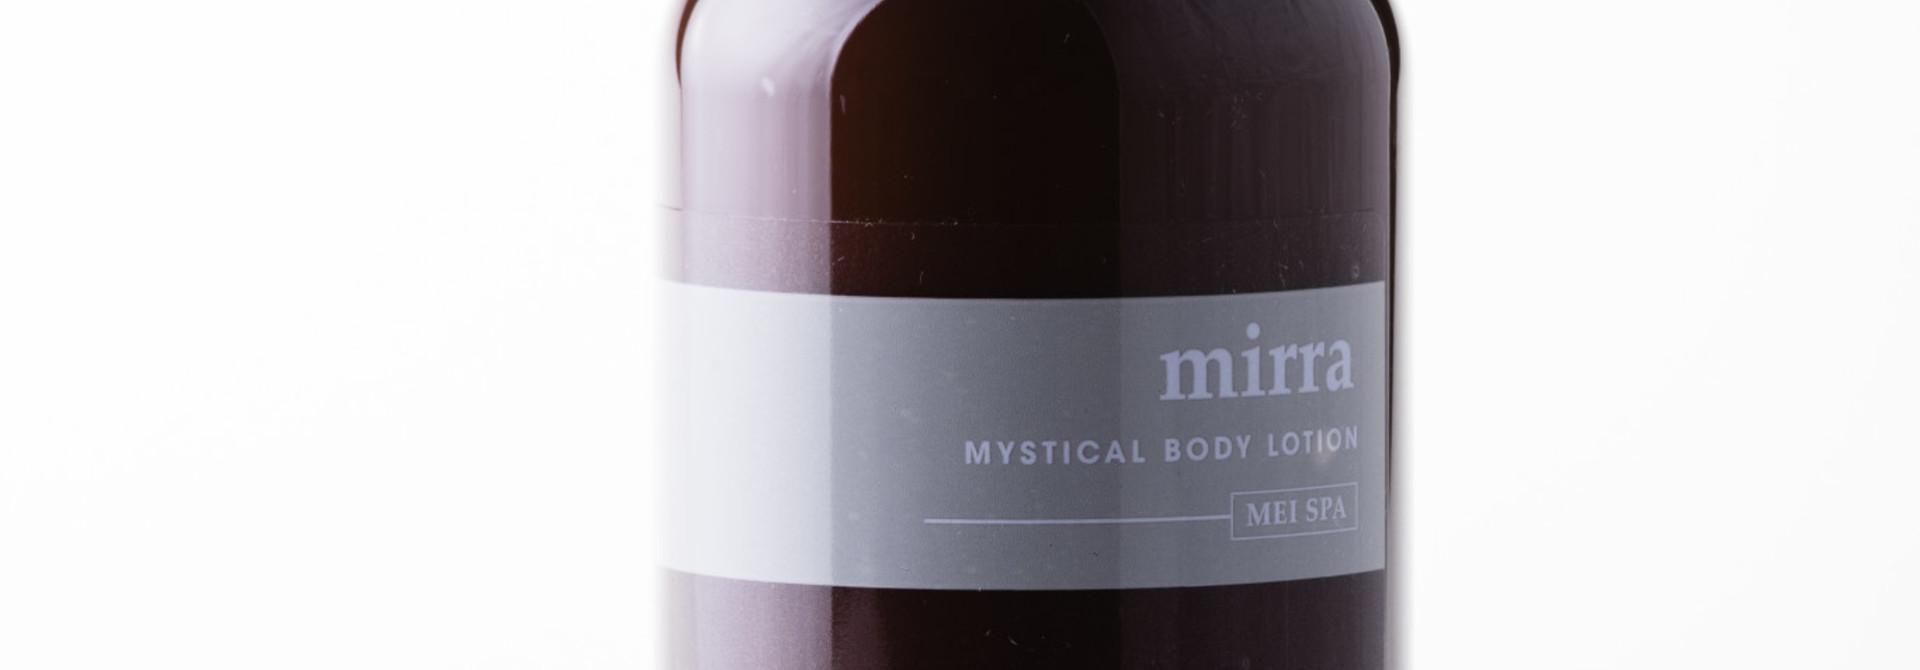 MIRRA  Mystical Body Lotion - MEI SPA